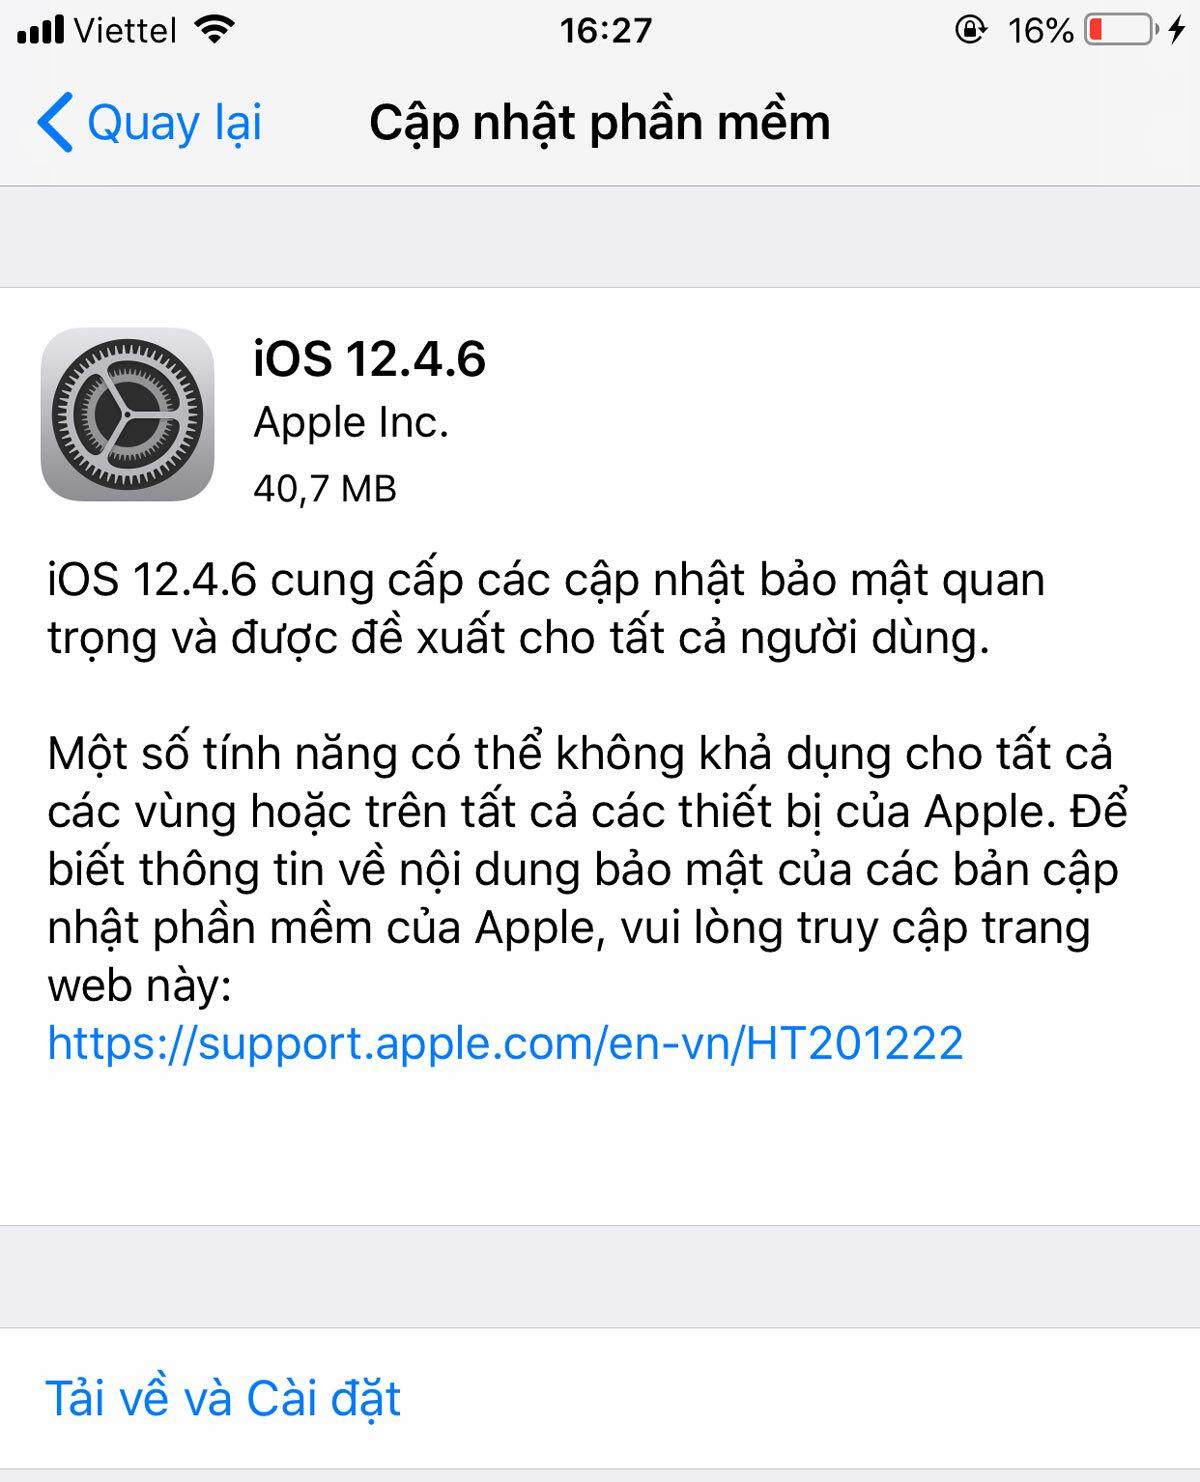 iOS 12.4.6 không có tính năng mới mà chỉ sửa lỗi về bảo mật.